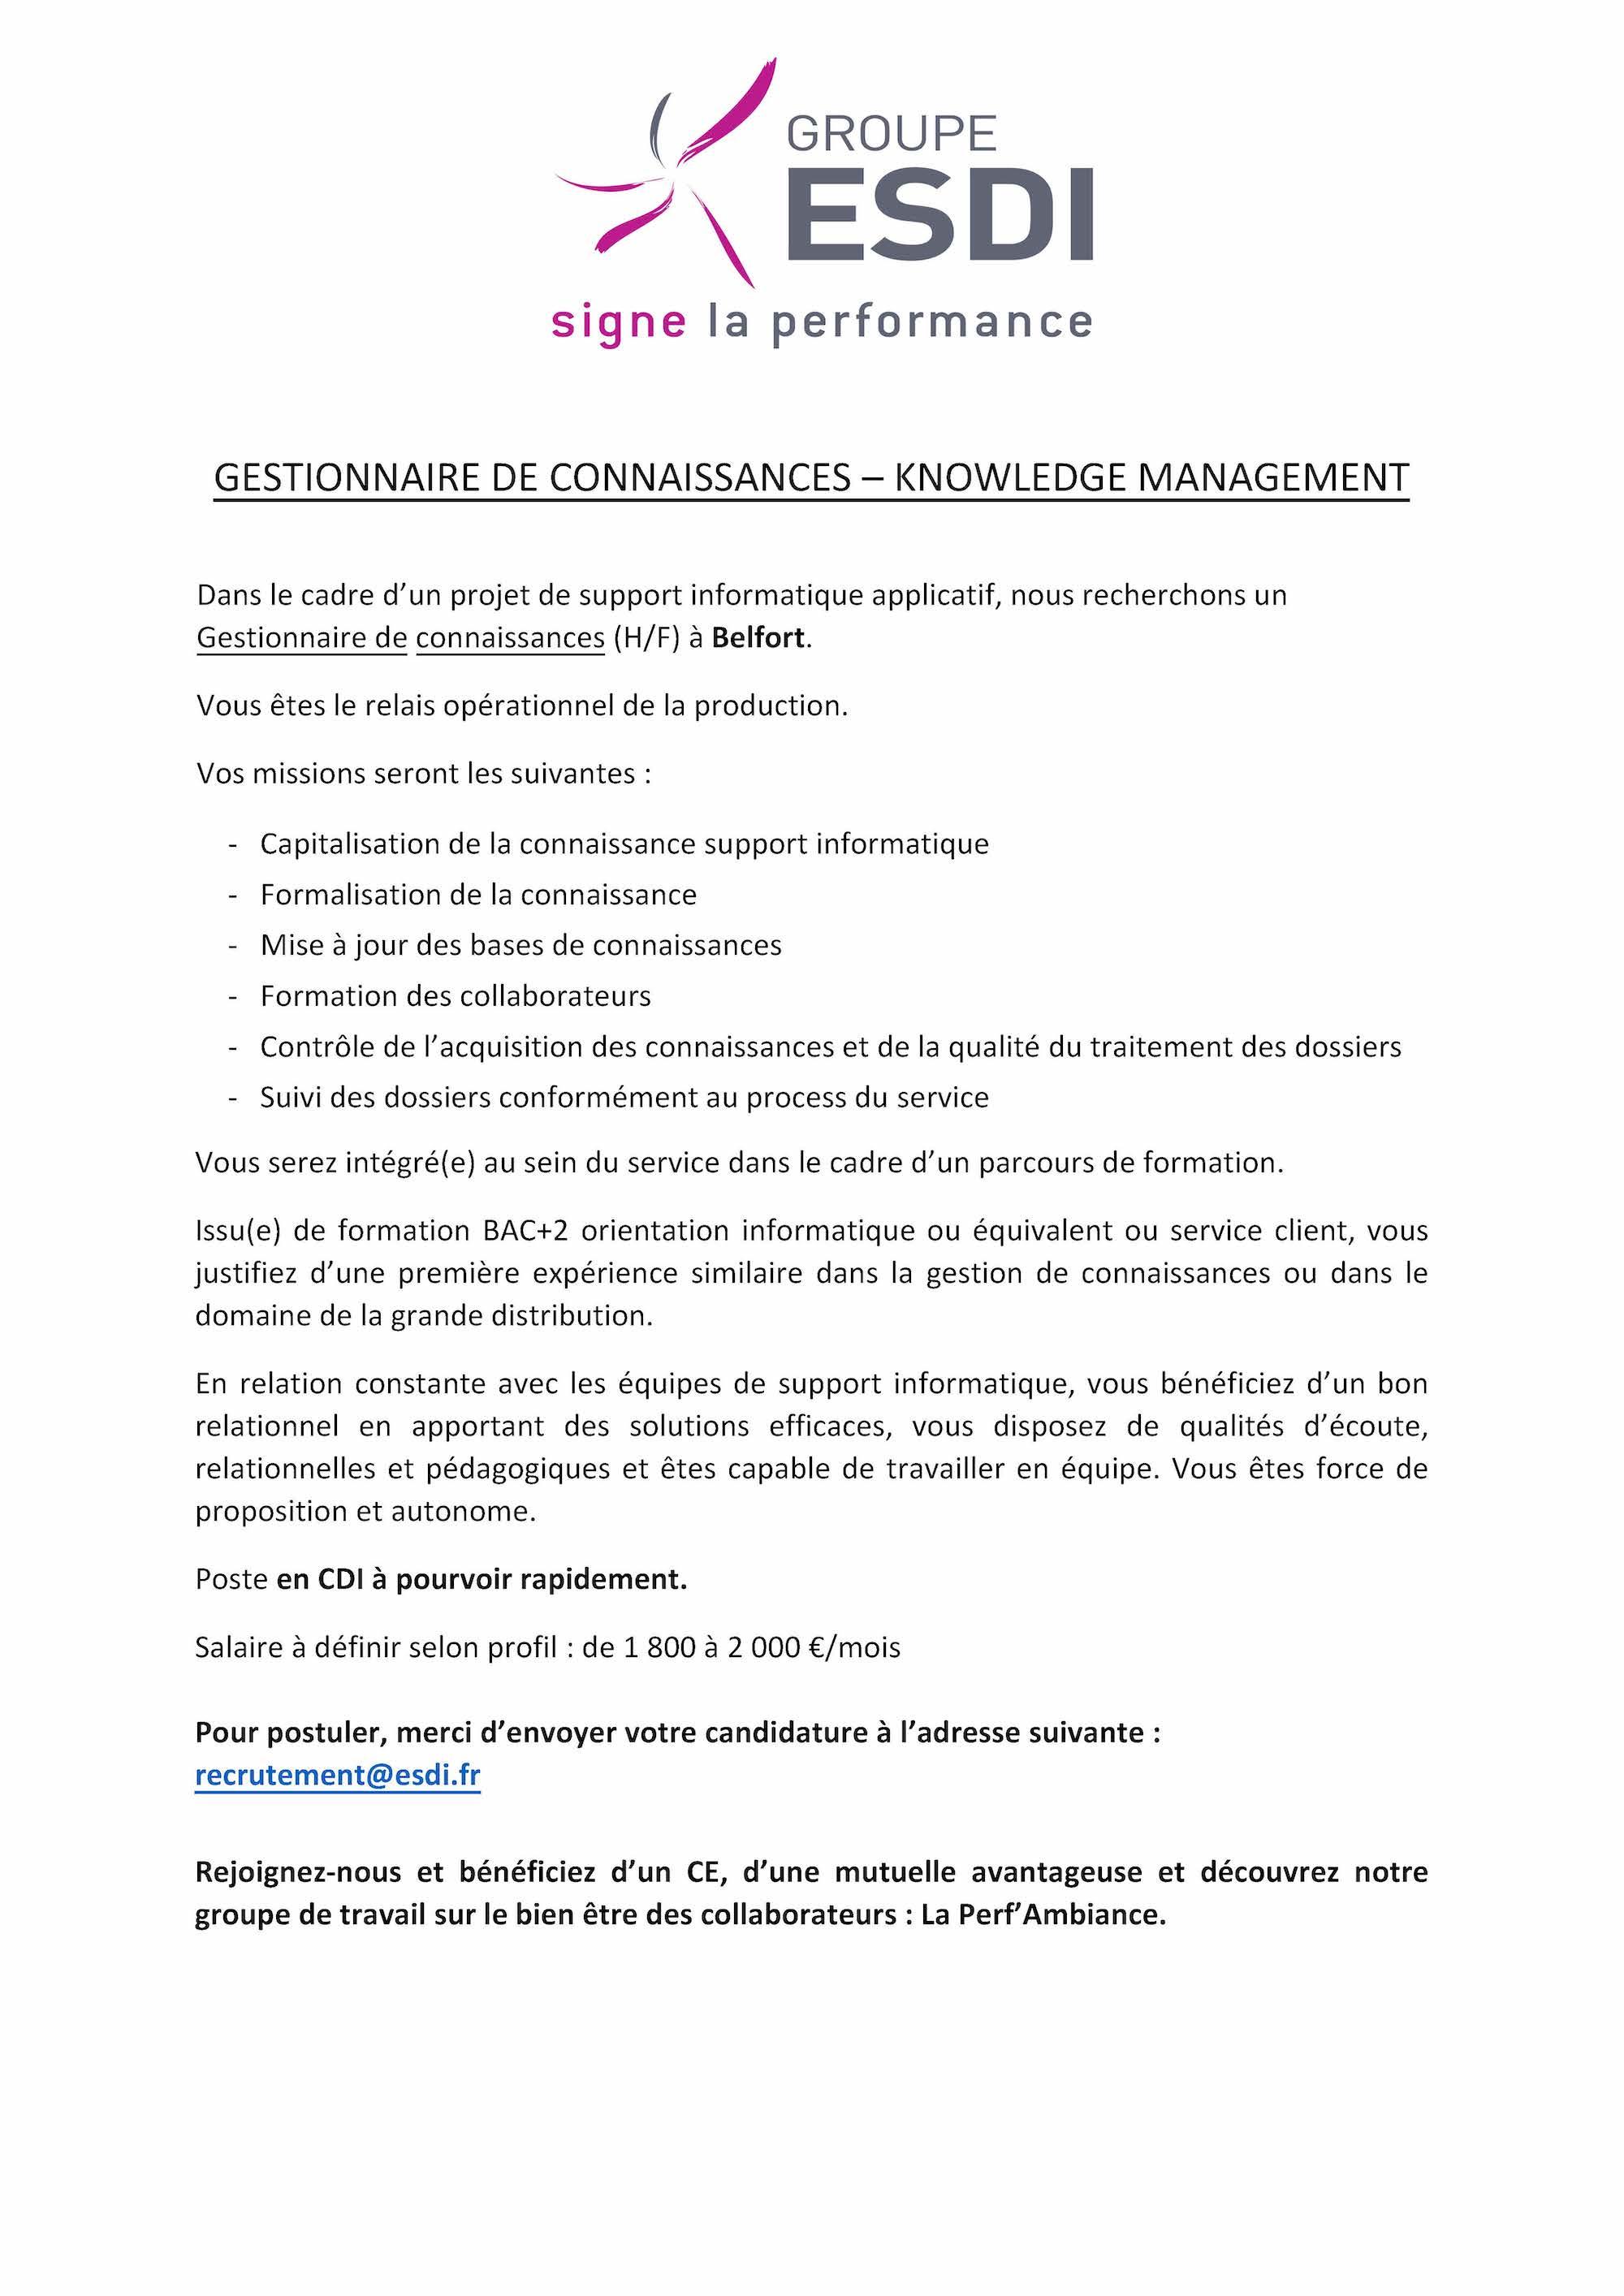 ESDI recrute 1 Gestionnaire de Connaissances - Knowledge Management à Belfort